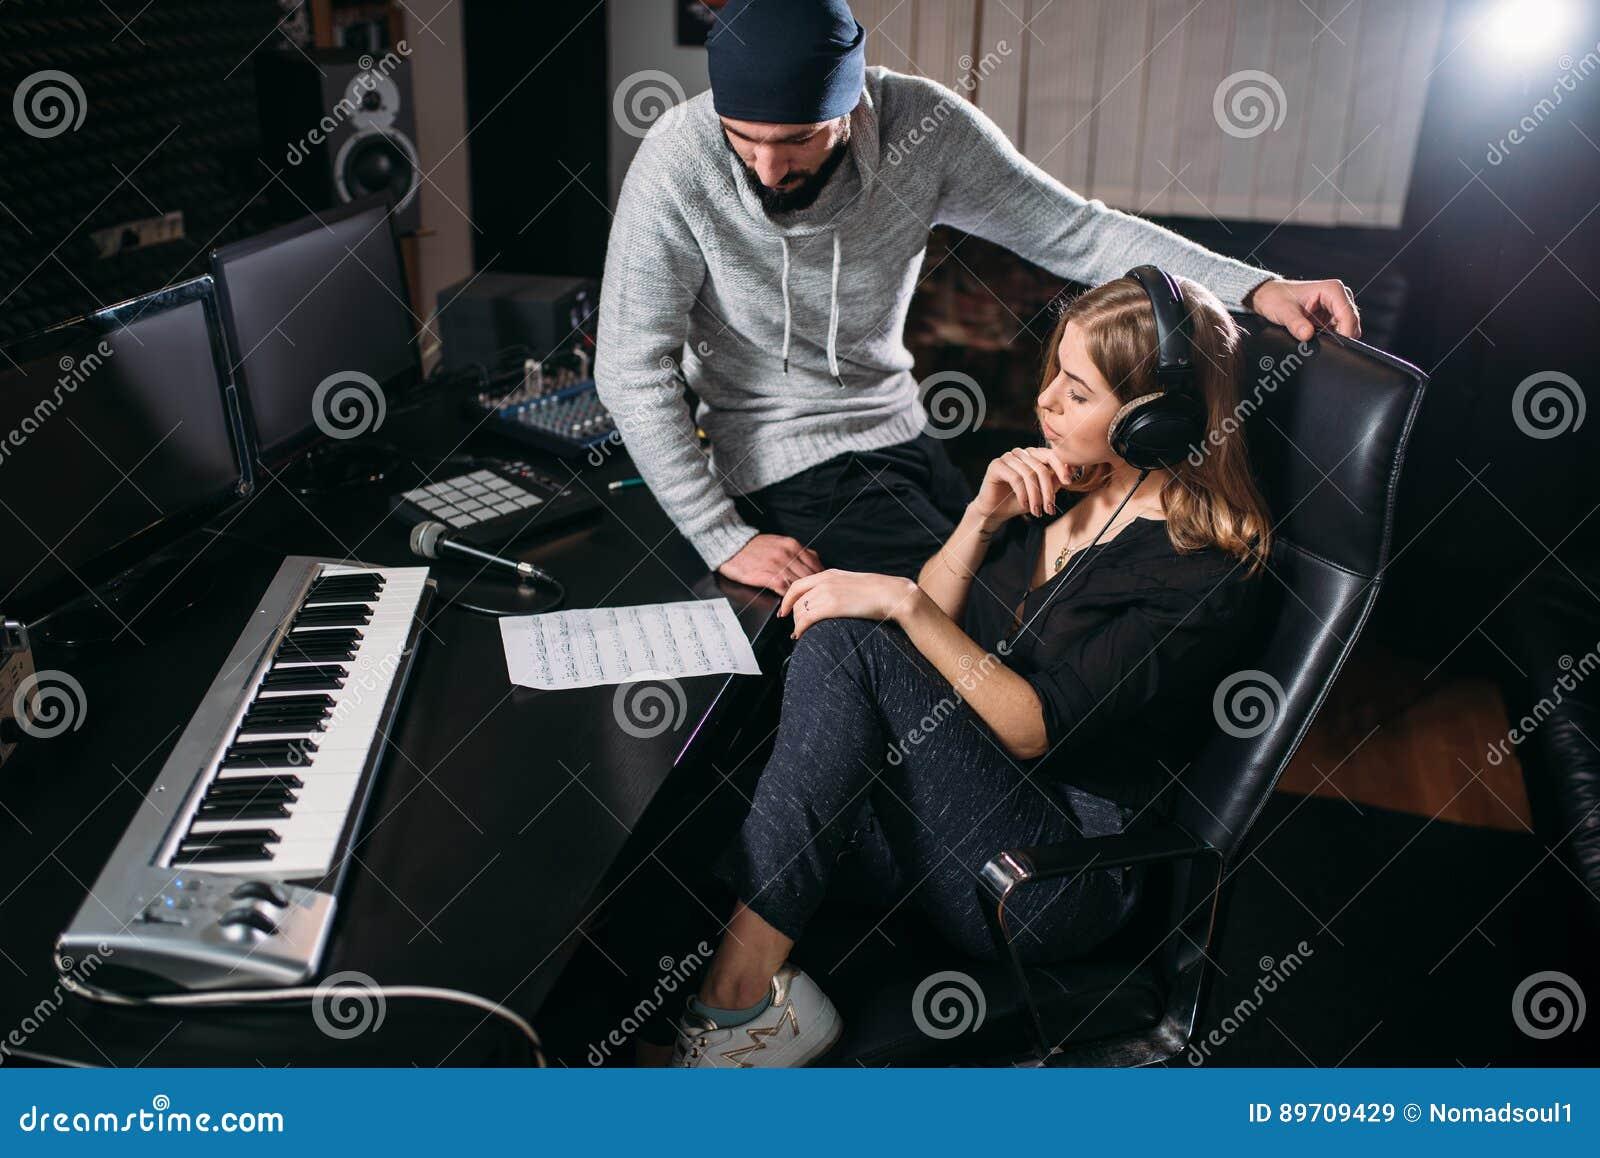 De vrouwelijke zanger luistert liedverslag in muziekstudio